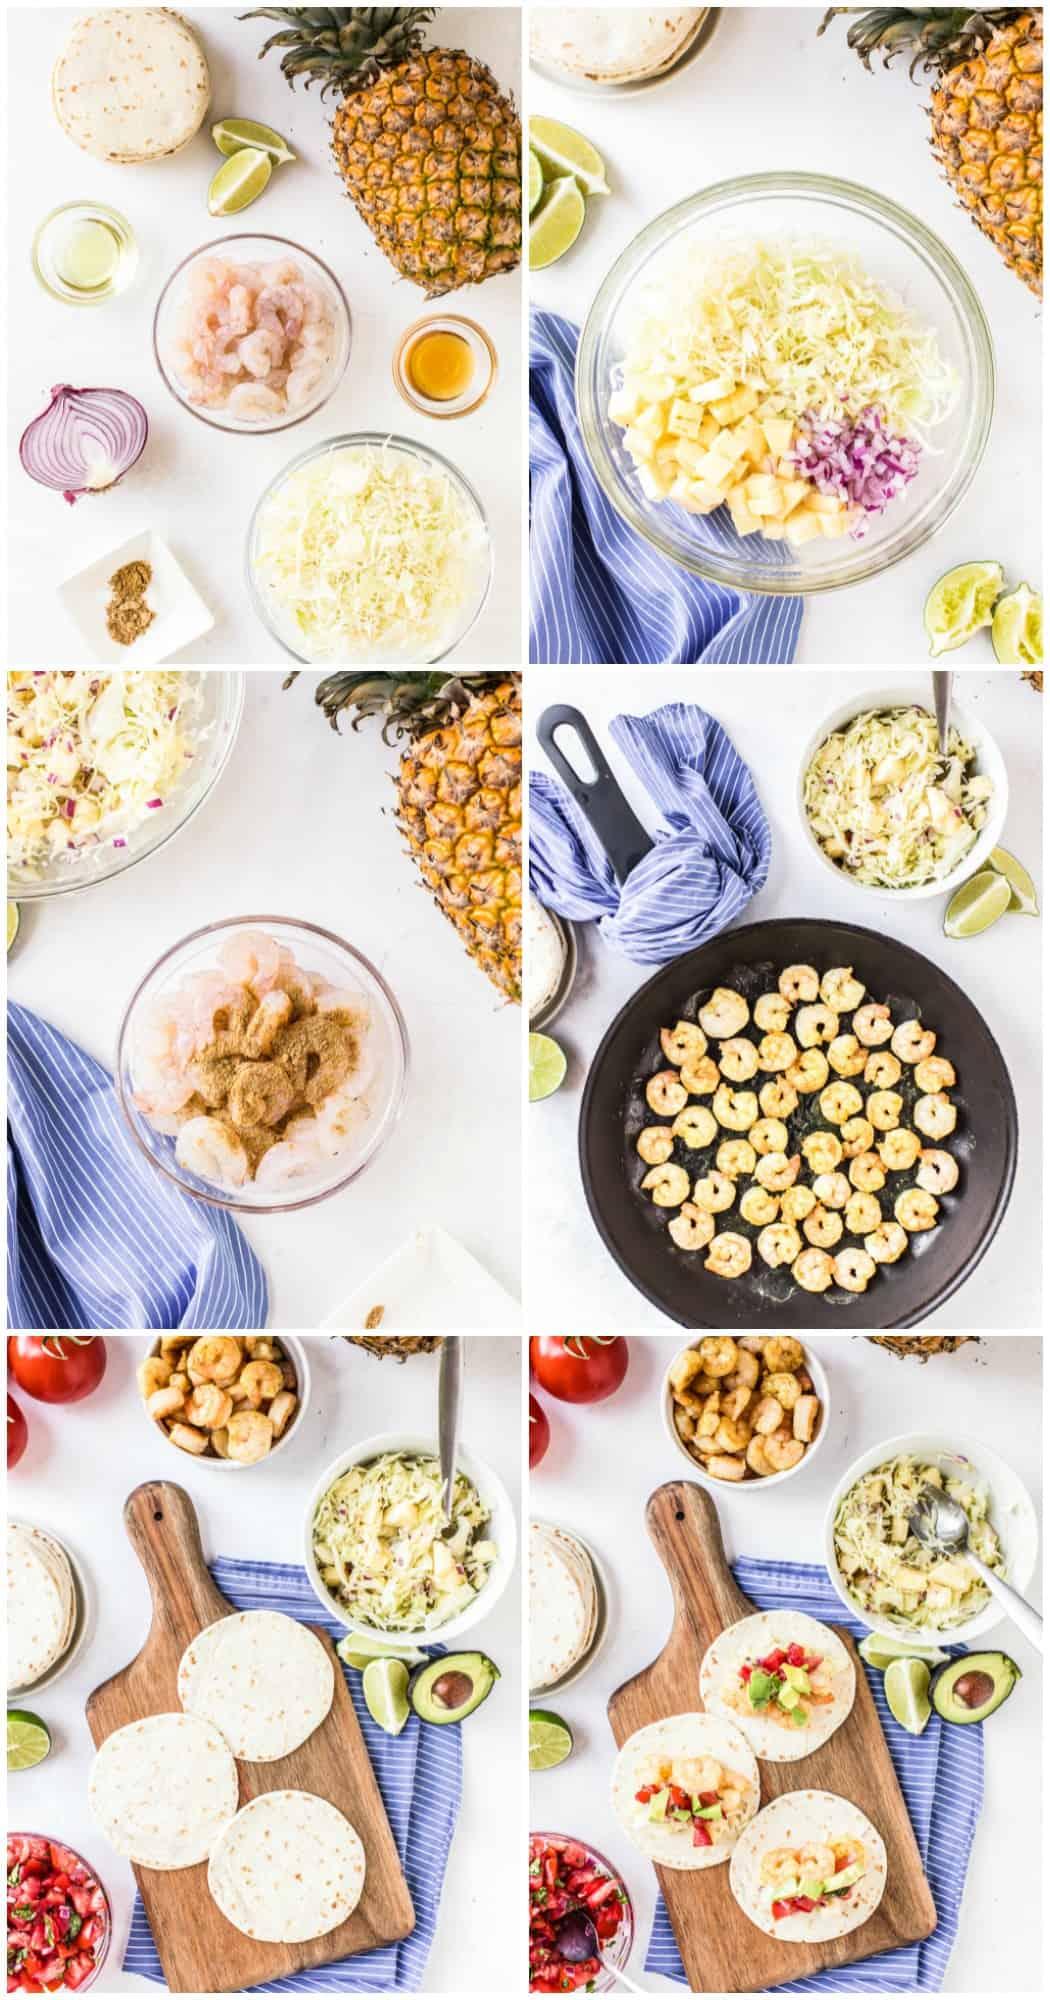 step by step photos of how to make shrimp tacos